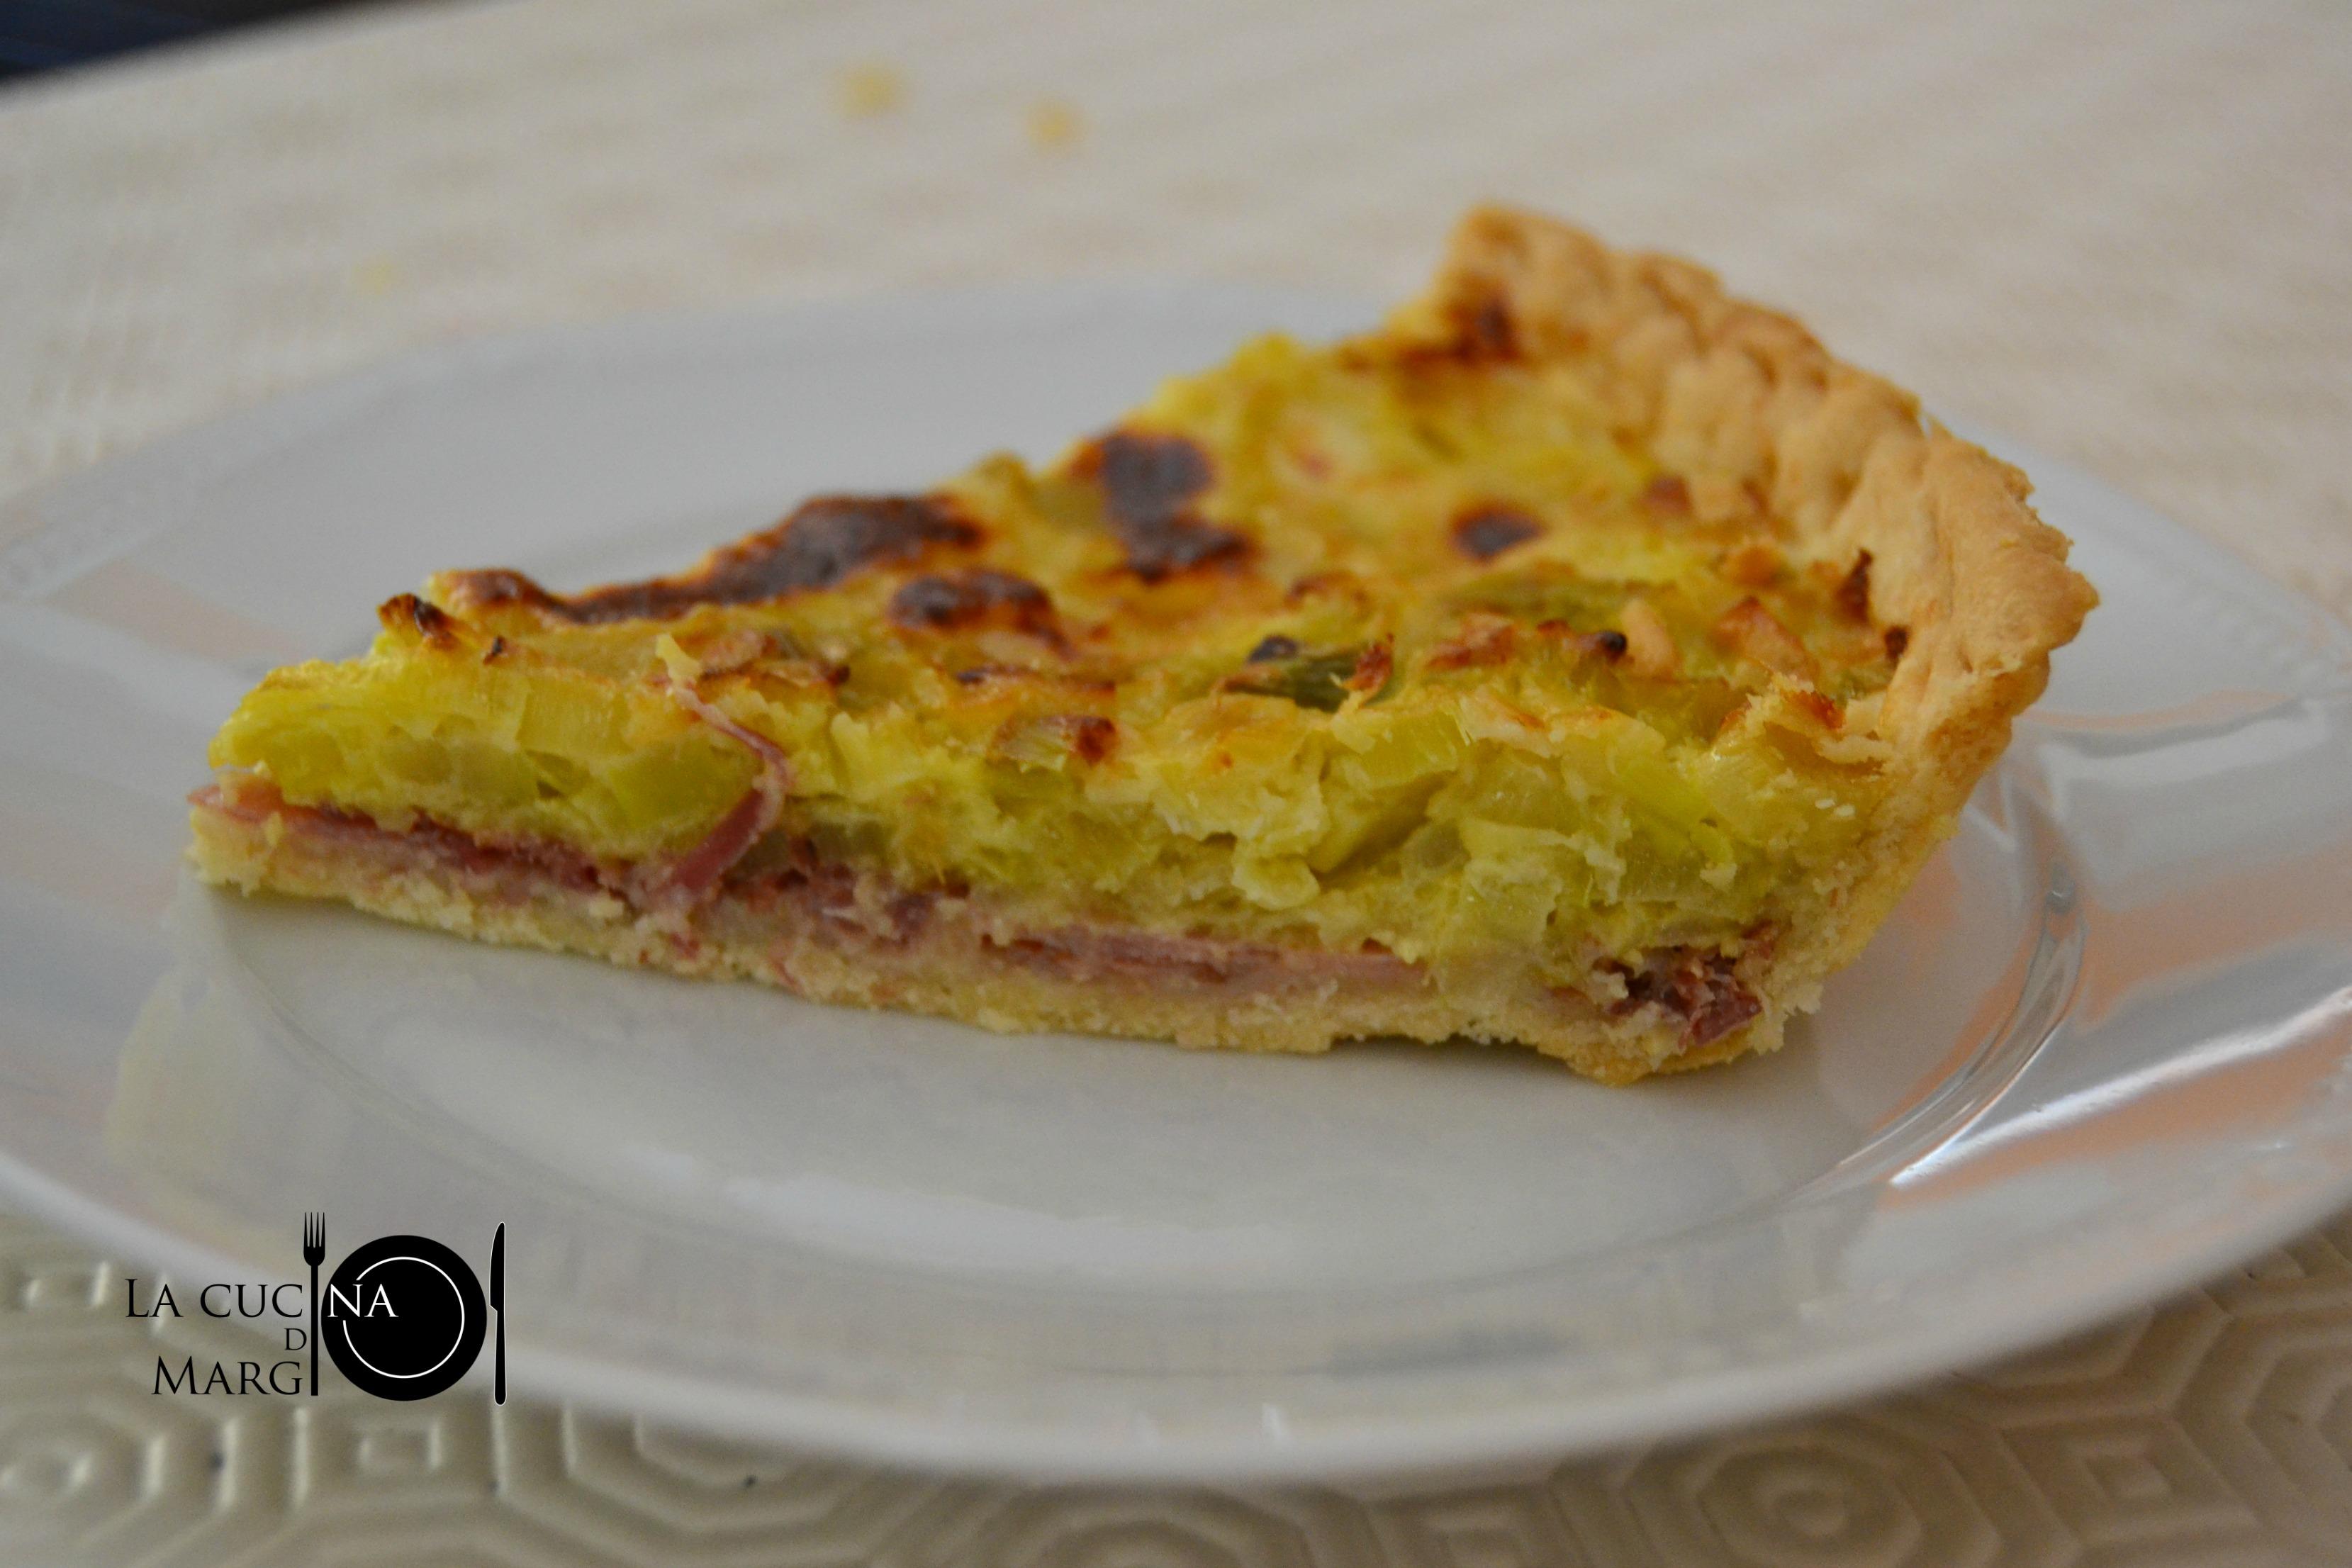 Torta salata porri, speck e stracchino   12   LOGO   DSC_0200